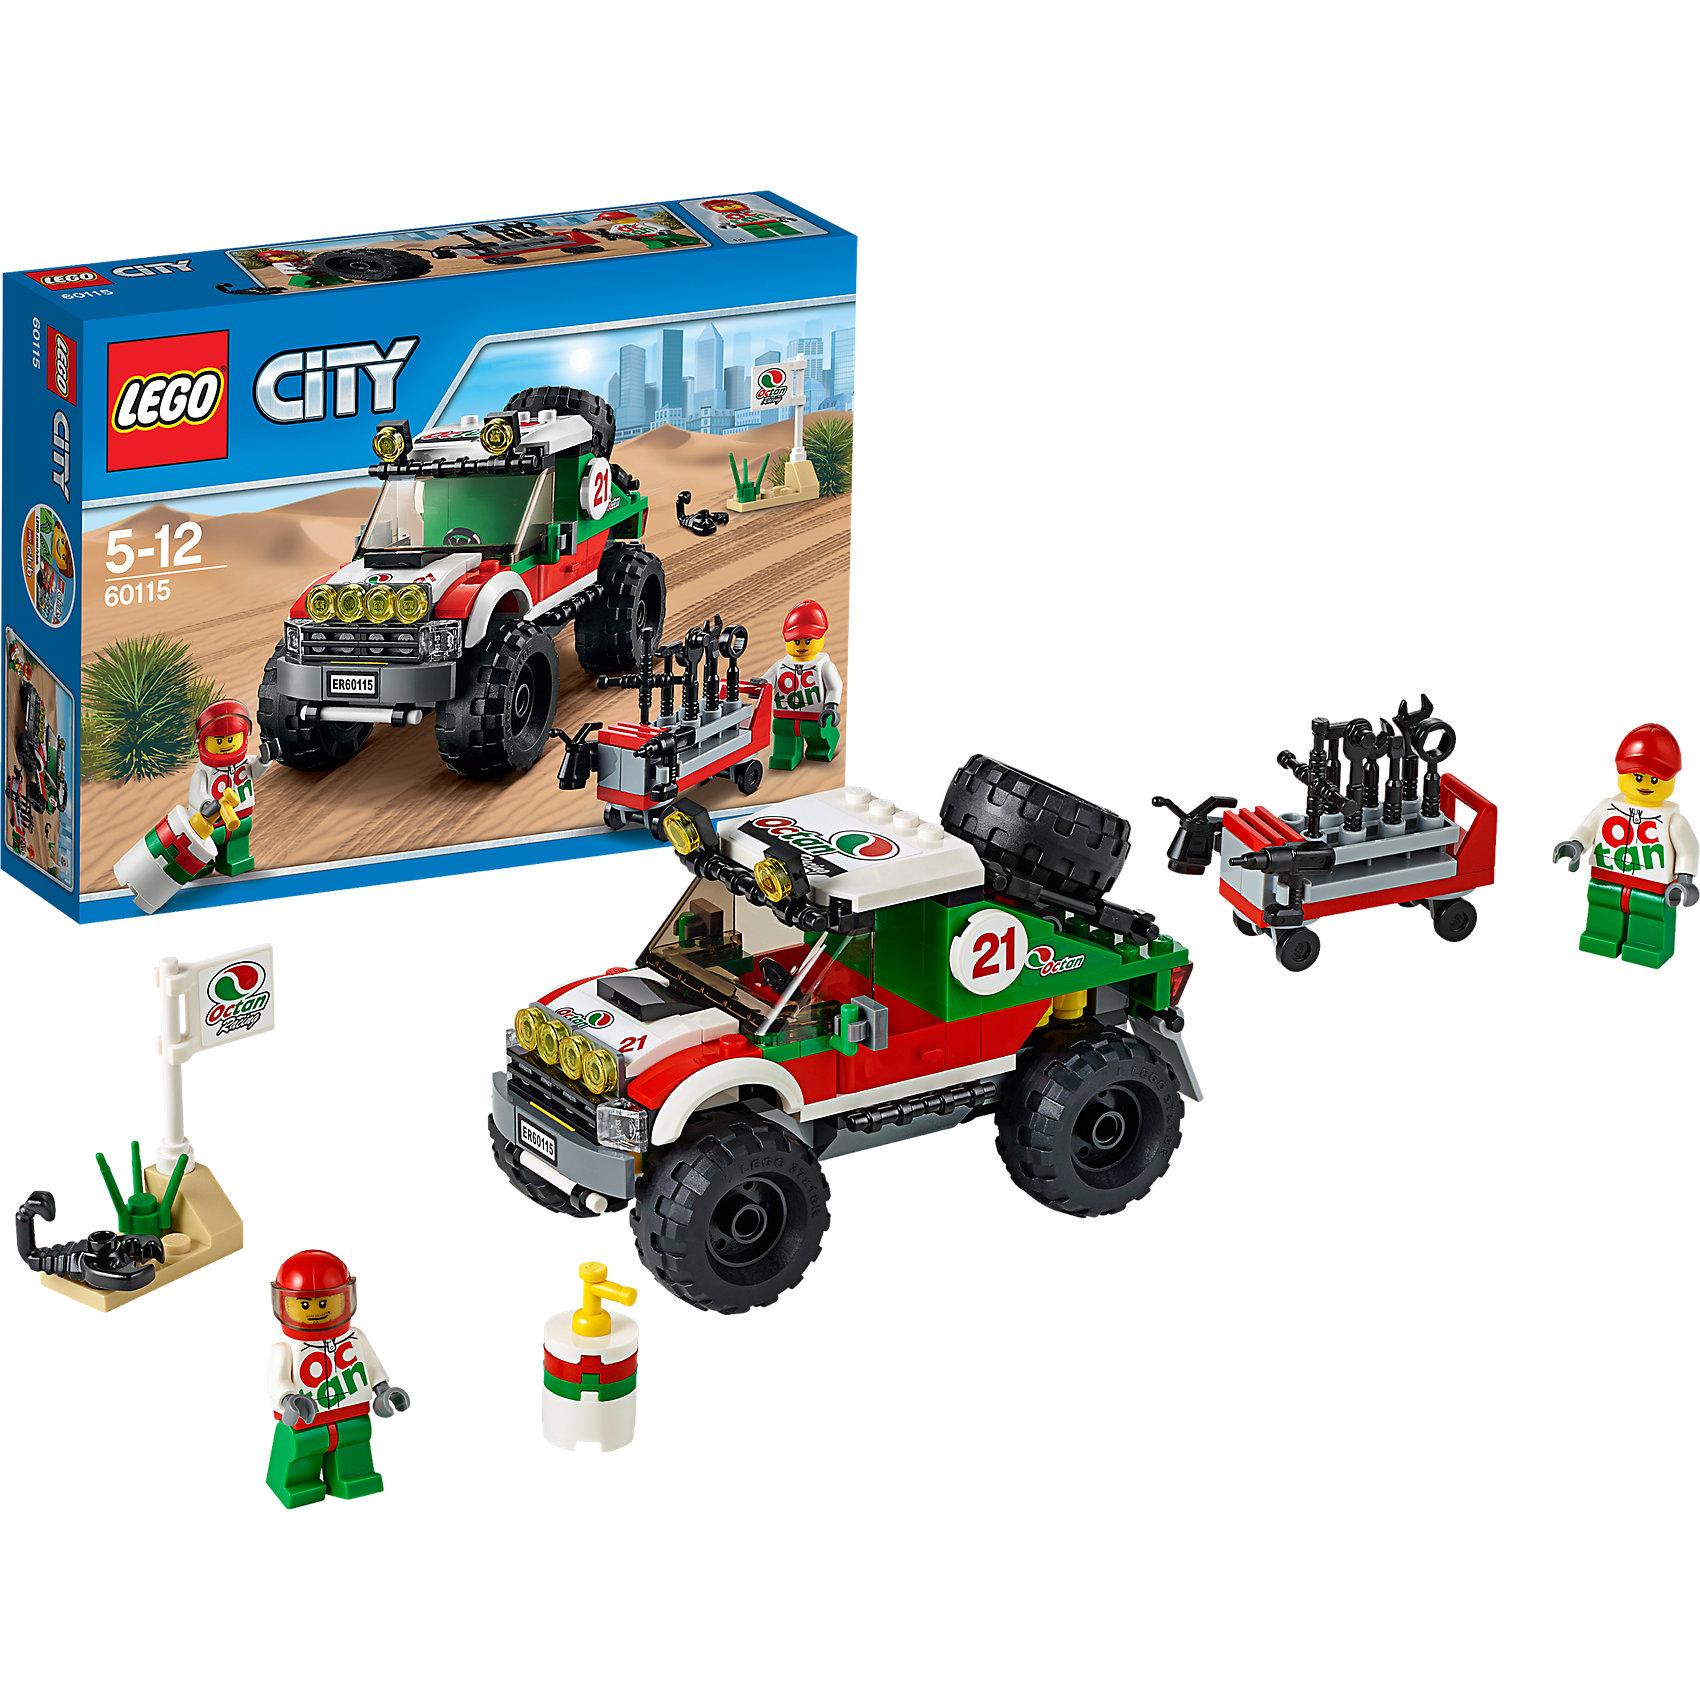 LEGO LEGO City 60115: Внедорожник 4x4 lego city 60110 лего город пожарная часть